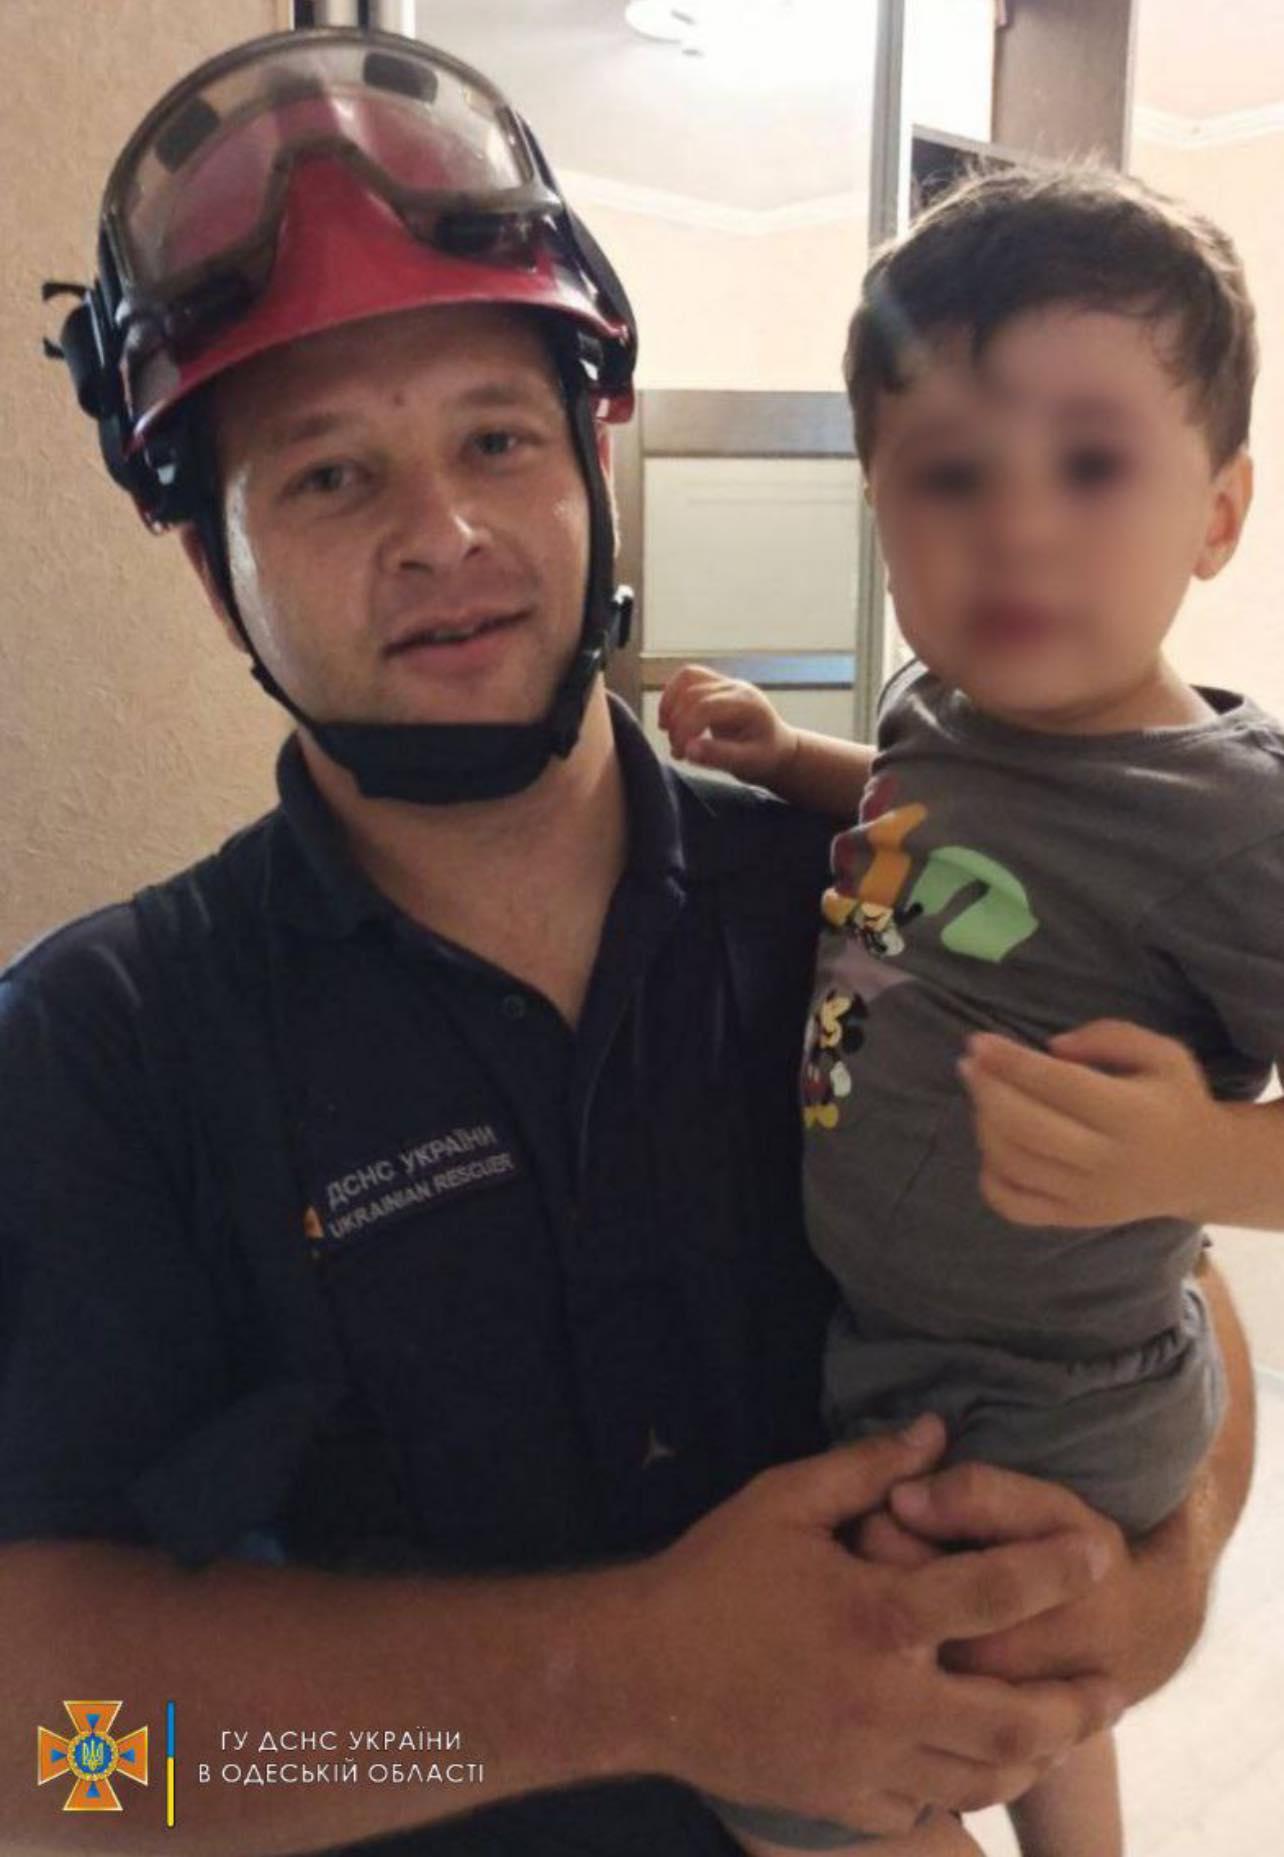 12 минут ужаса и поседевшая няня: в Белгороде-Днестровском спасли 2-летнего малыша, заблокировавшегося в квартире